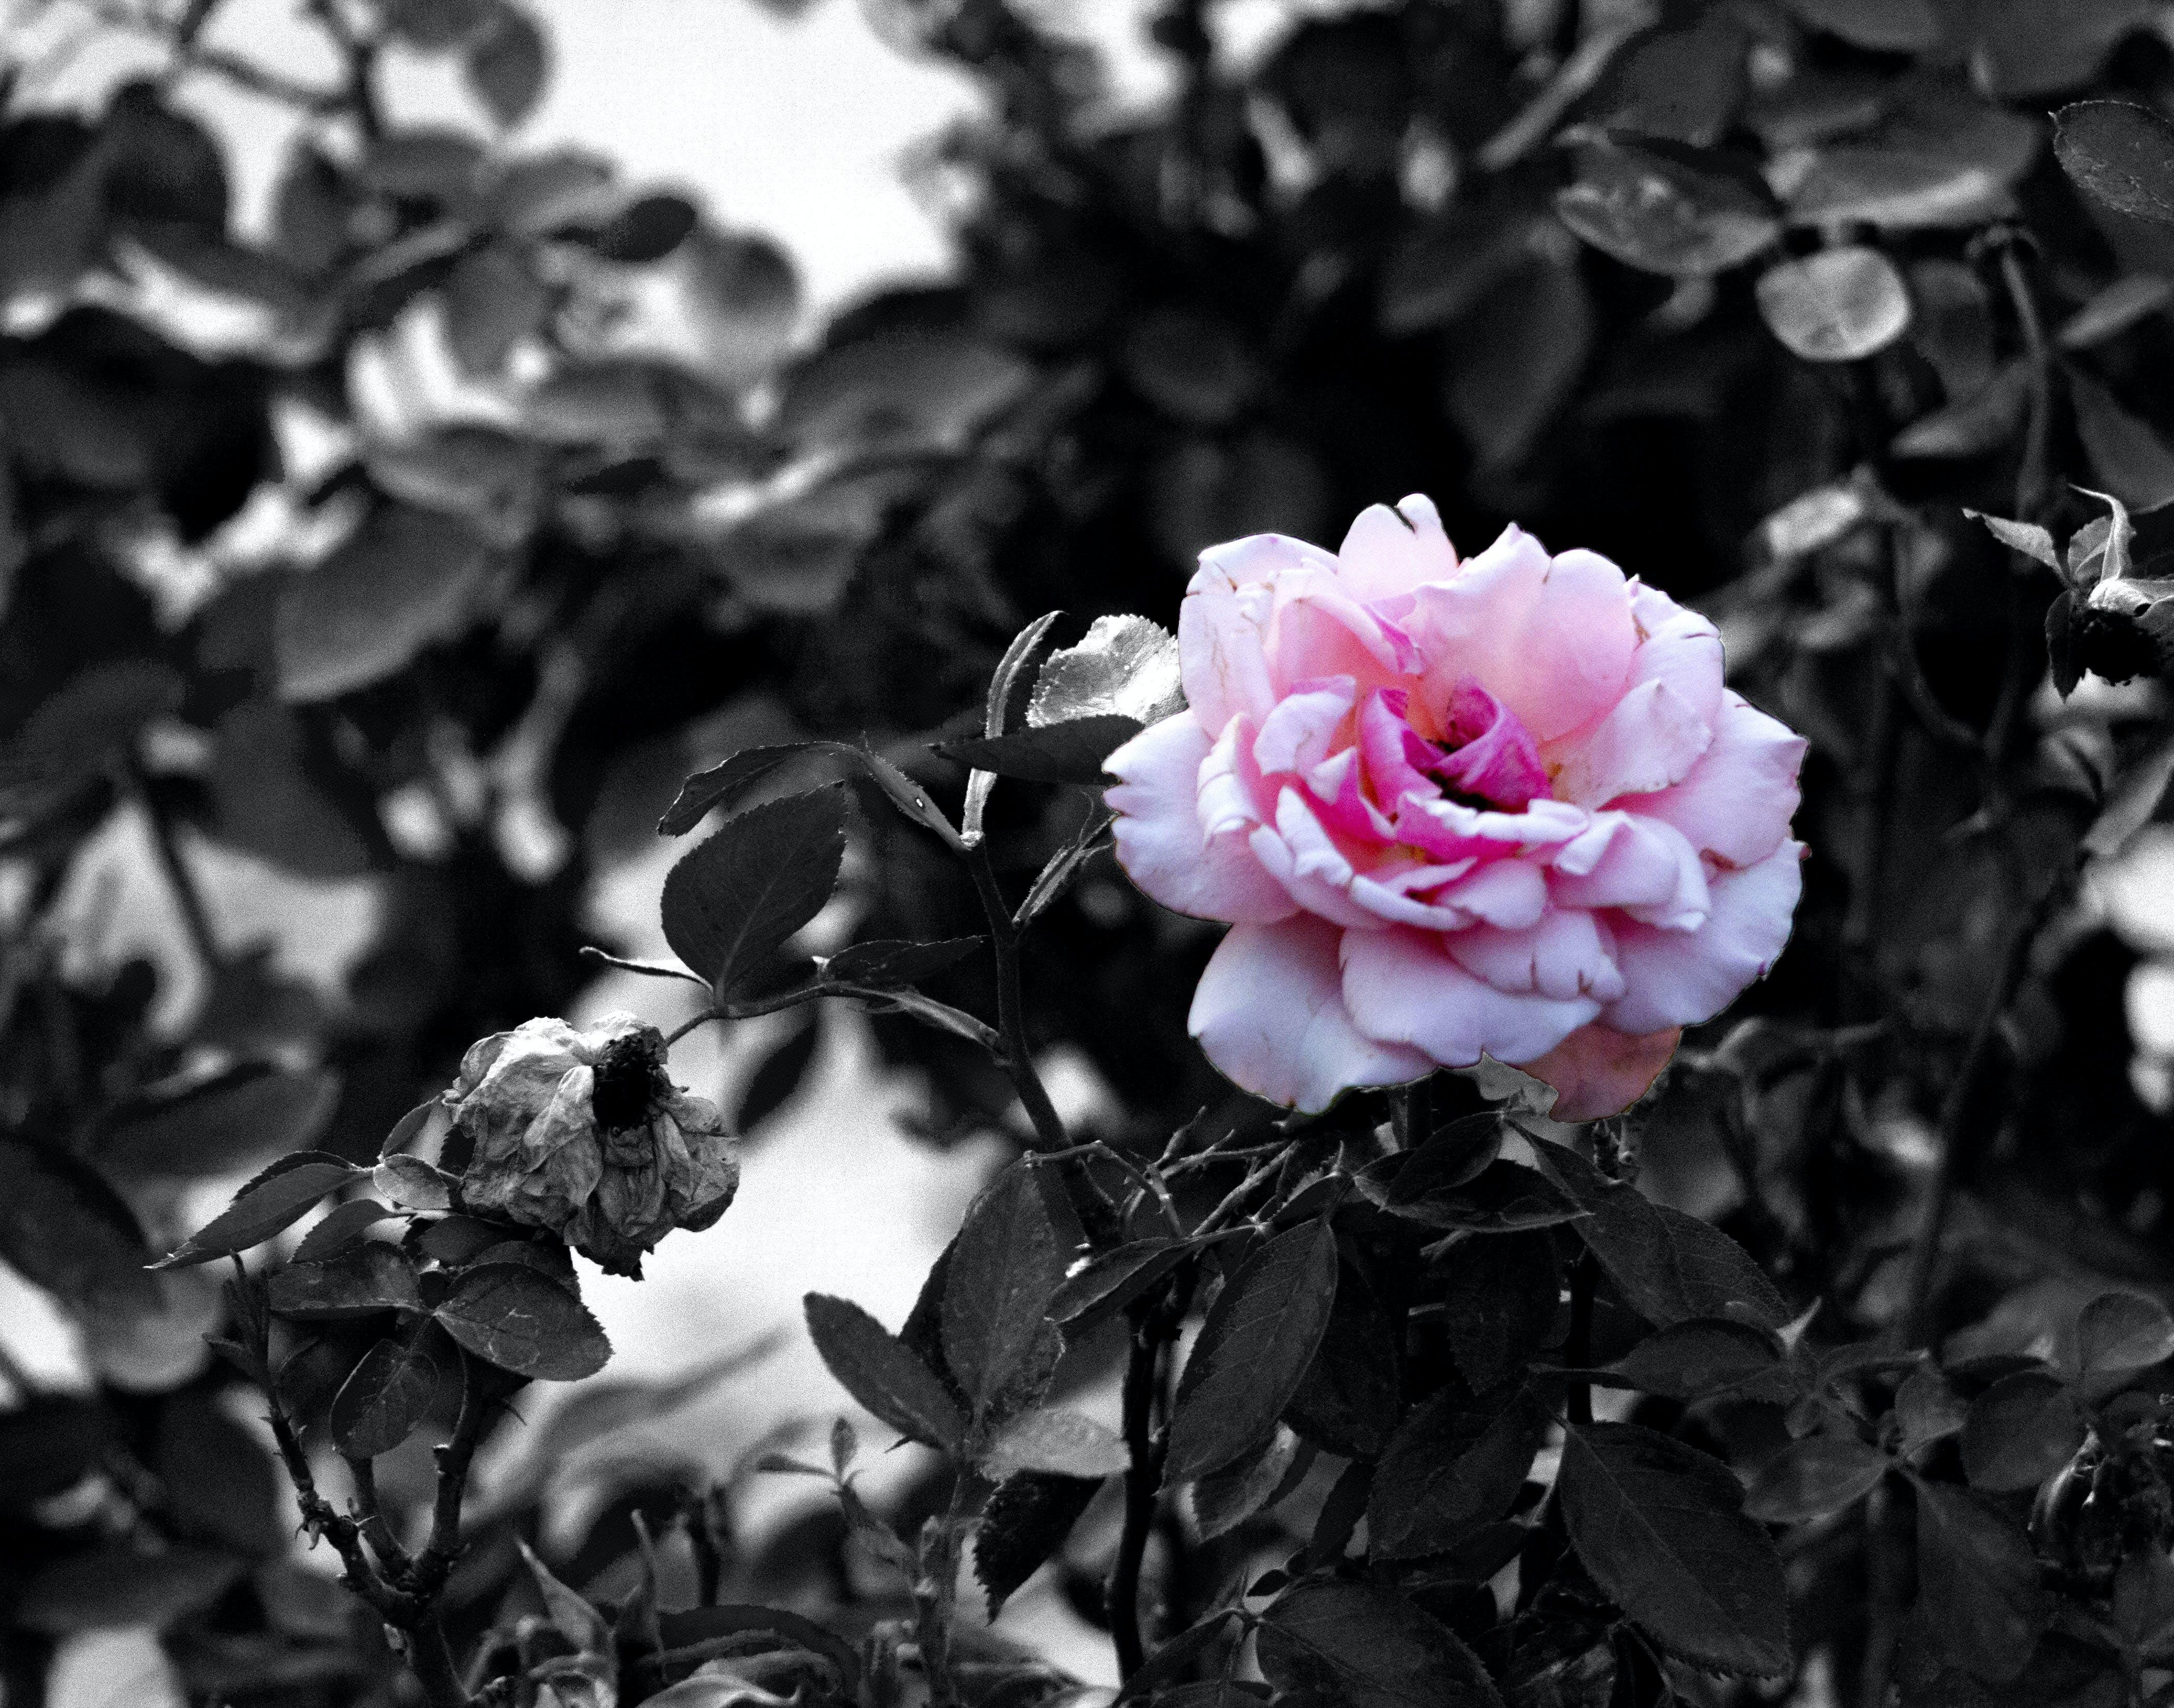 Δωρεάν στοκ φωτογραφιών με αντίθεση, Ροζ τριαντάφυλλο, χρώμα